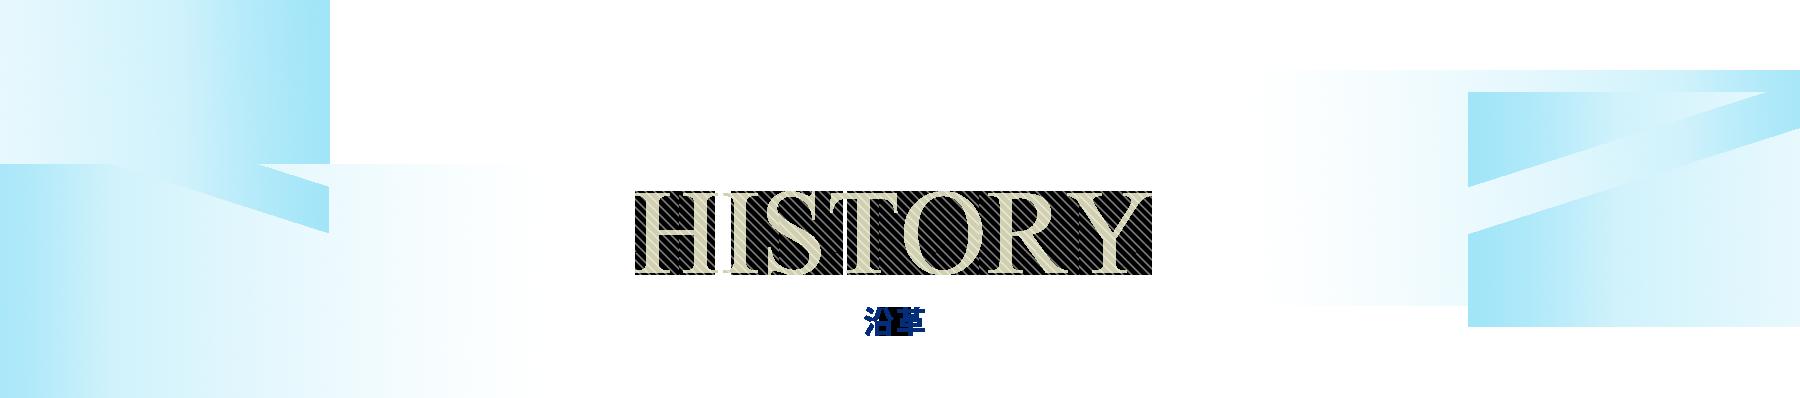 HISTORYのタイトル